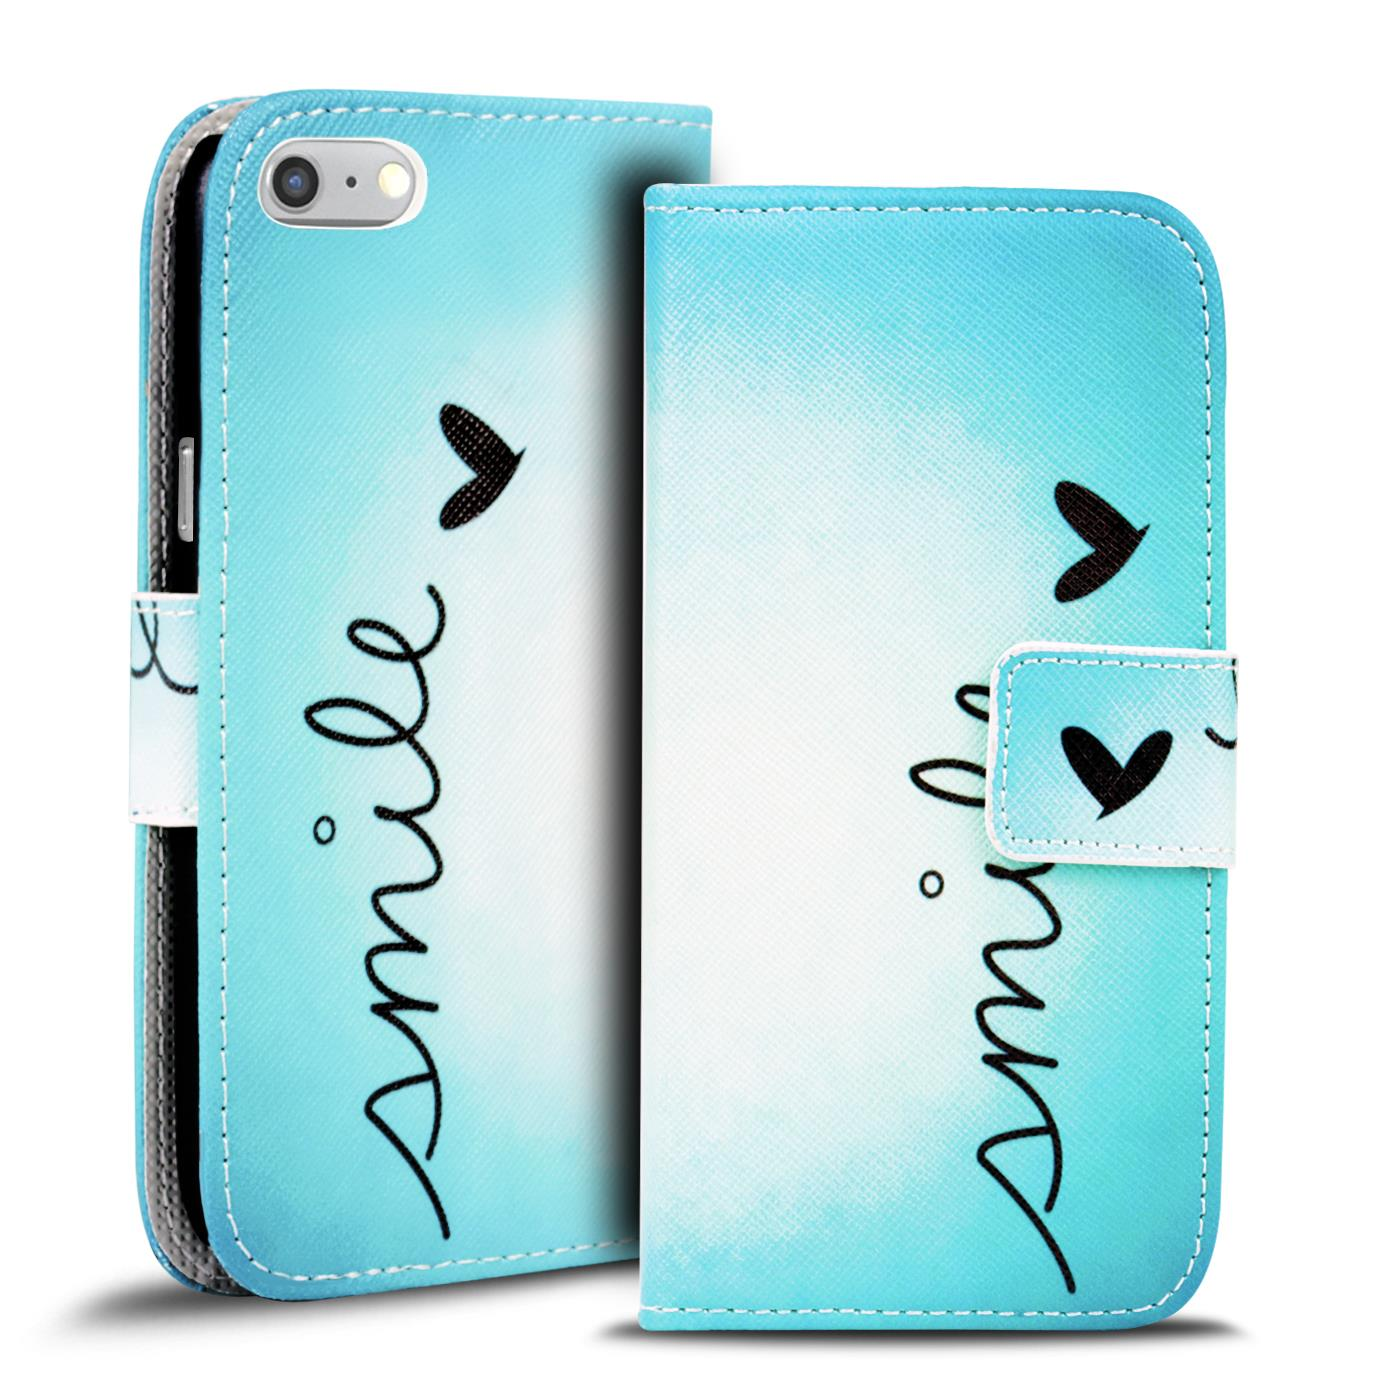 Handy-Huelle-Apple-iPhone-8-Plus-Flip-Cover-Case-Schutz-Tasche-Etui-Motiv-Wallet Indexbild 38